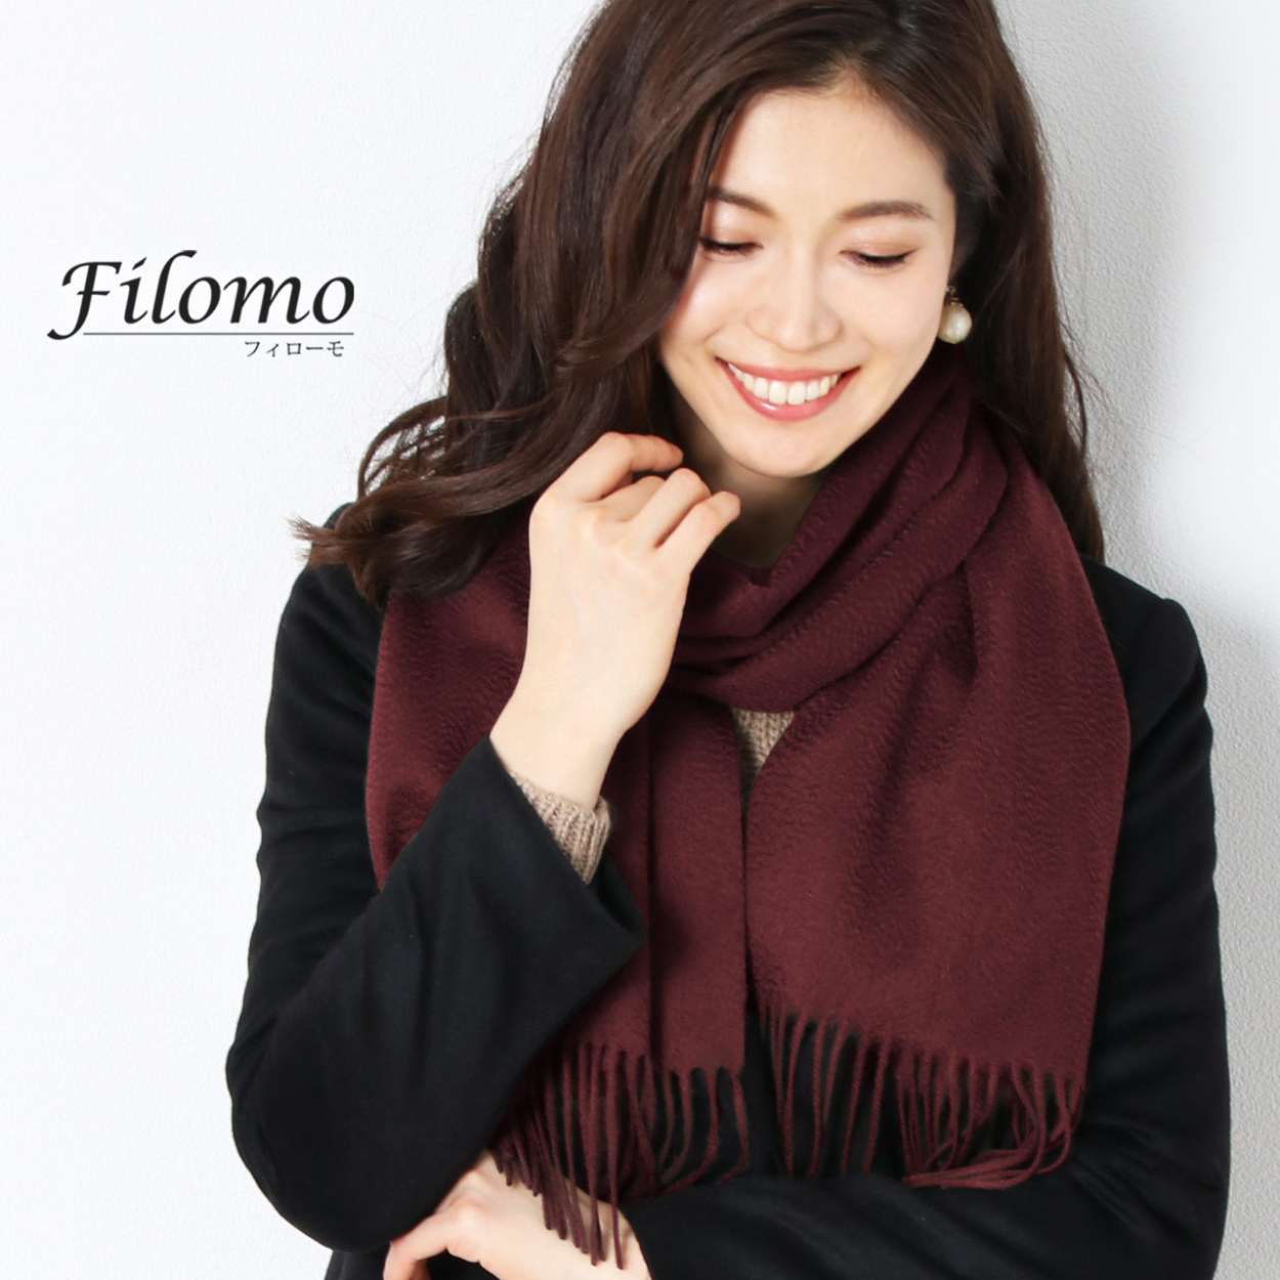 カシミヤマフラー カシミヤ100% Filomo ブランド